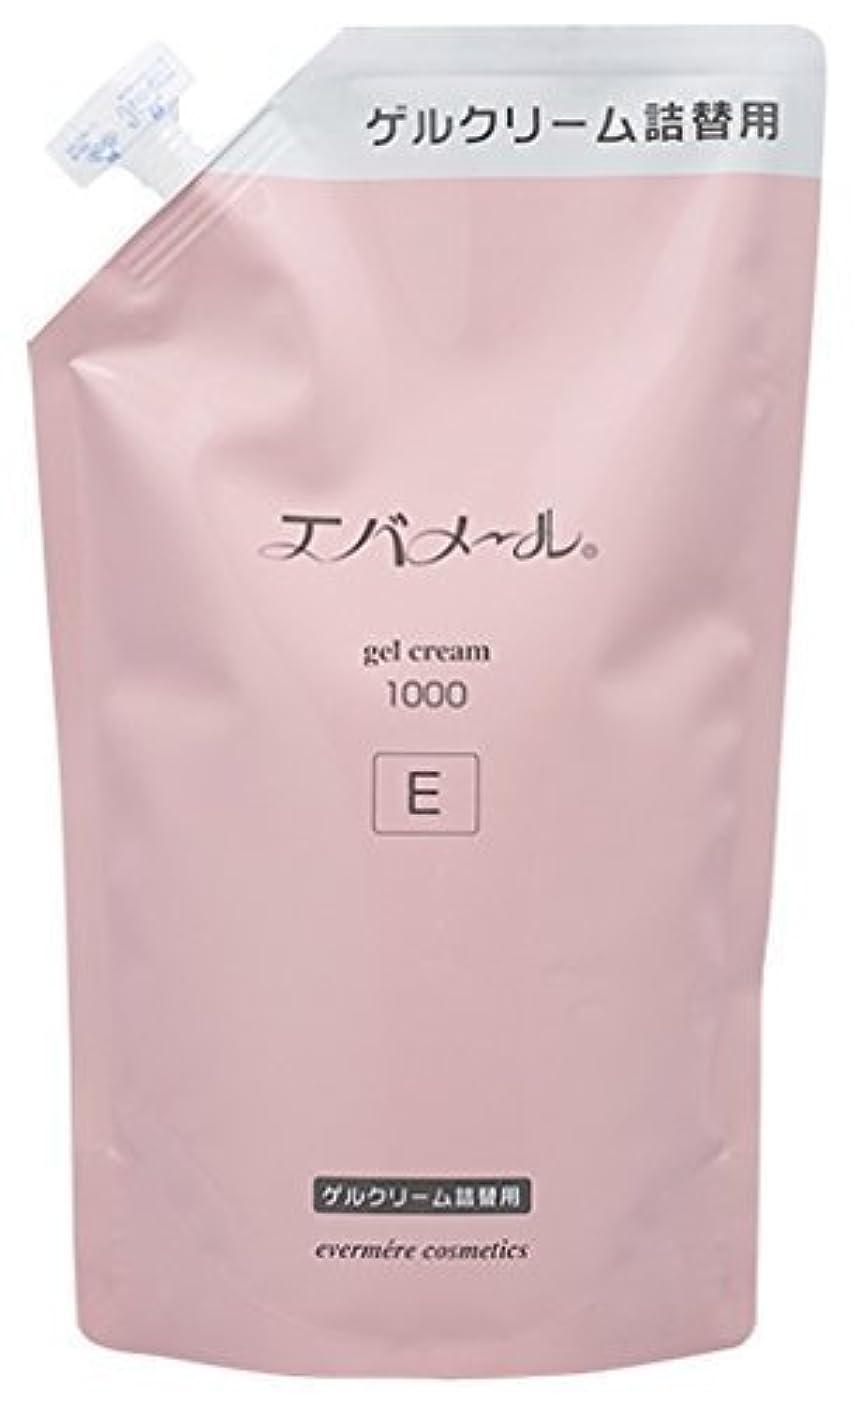 コーヒー開いたうまエバメール ゲルクリーム E 1000g[並行輸入品]